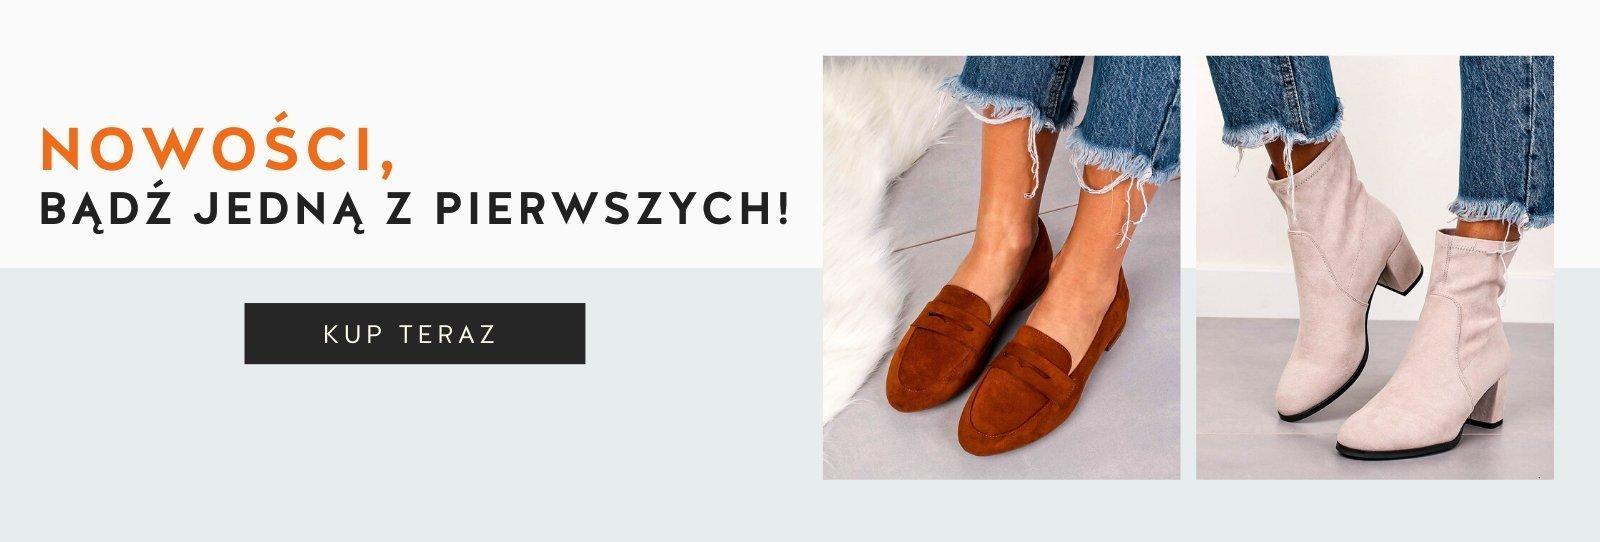 nowa-kolekcja-2020-buty-damskie-sklep-casu.pl